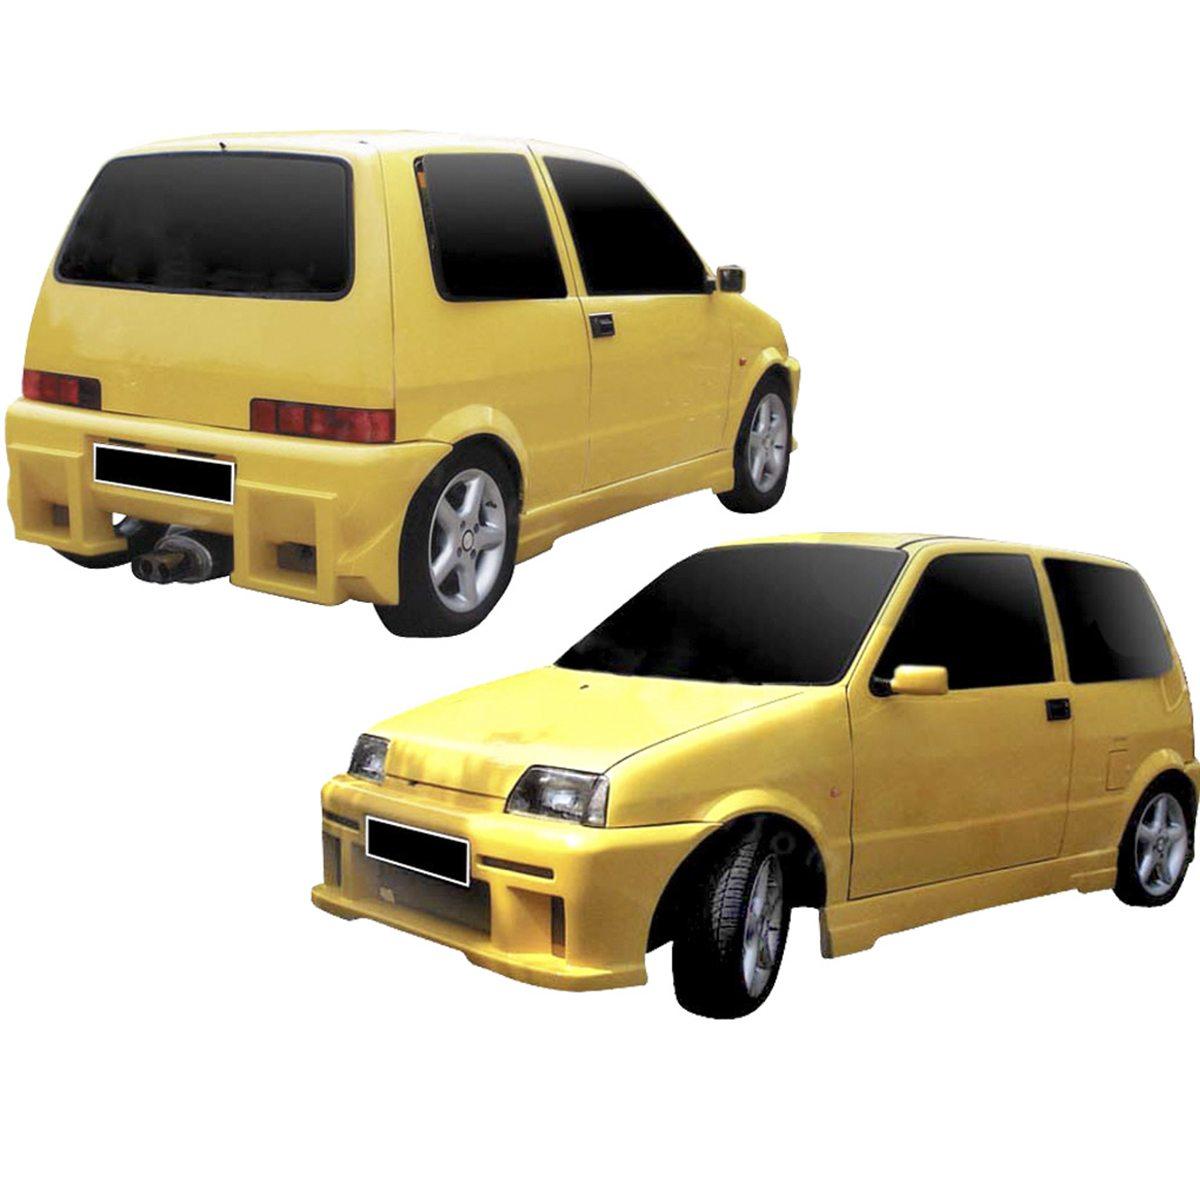 Fiat-Cinquecento-Storm-KIT-KTR005